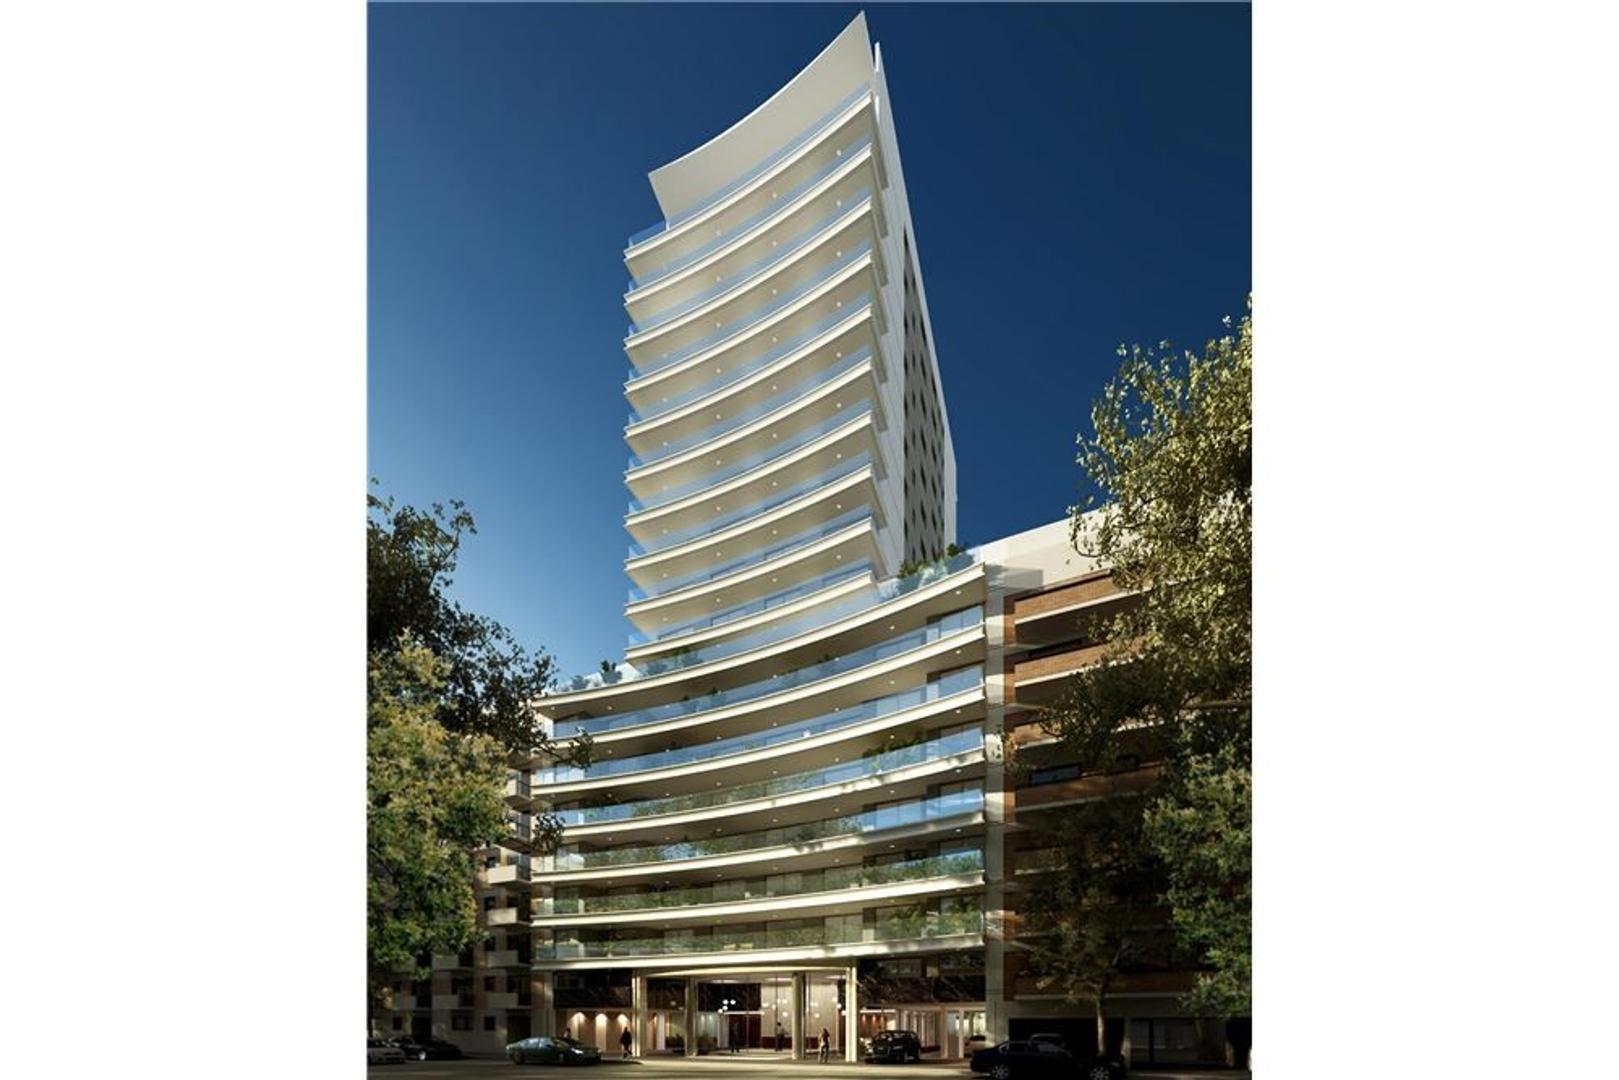 Torre c renta 3dorm + dep 134 m² c/ balcon y patio